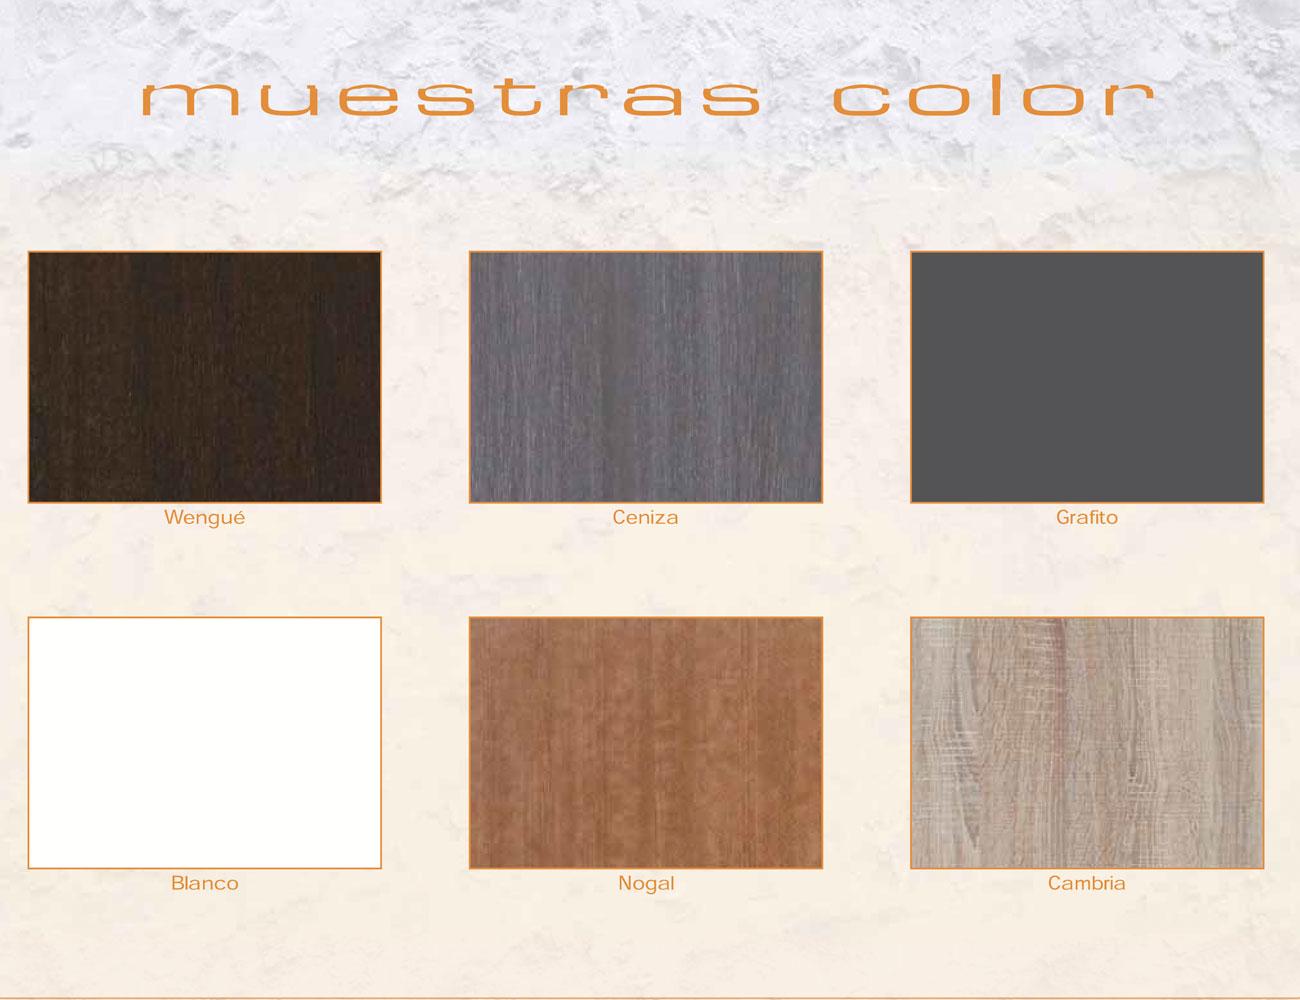 Muestras color muebles expo9